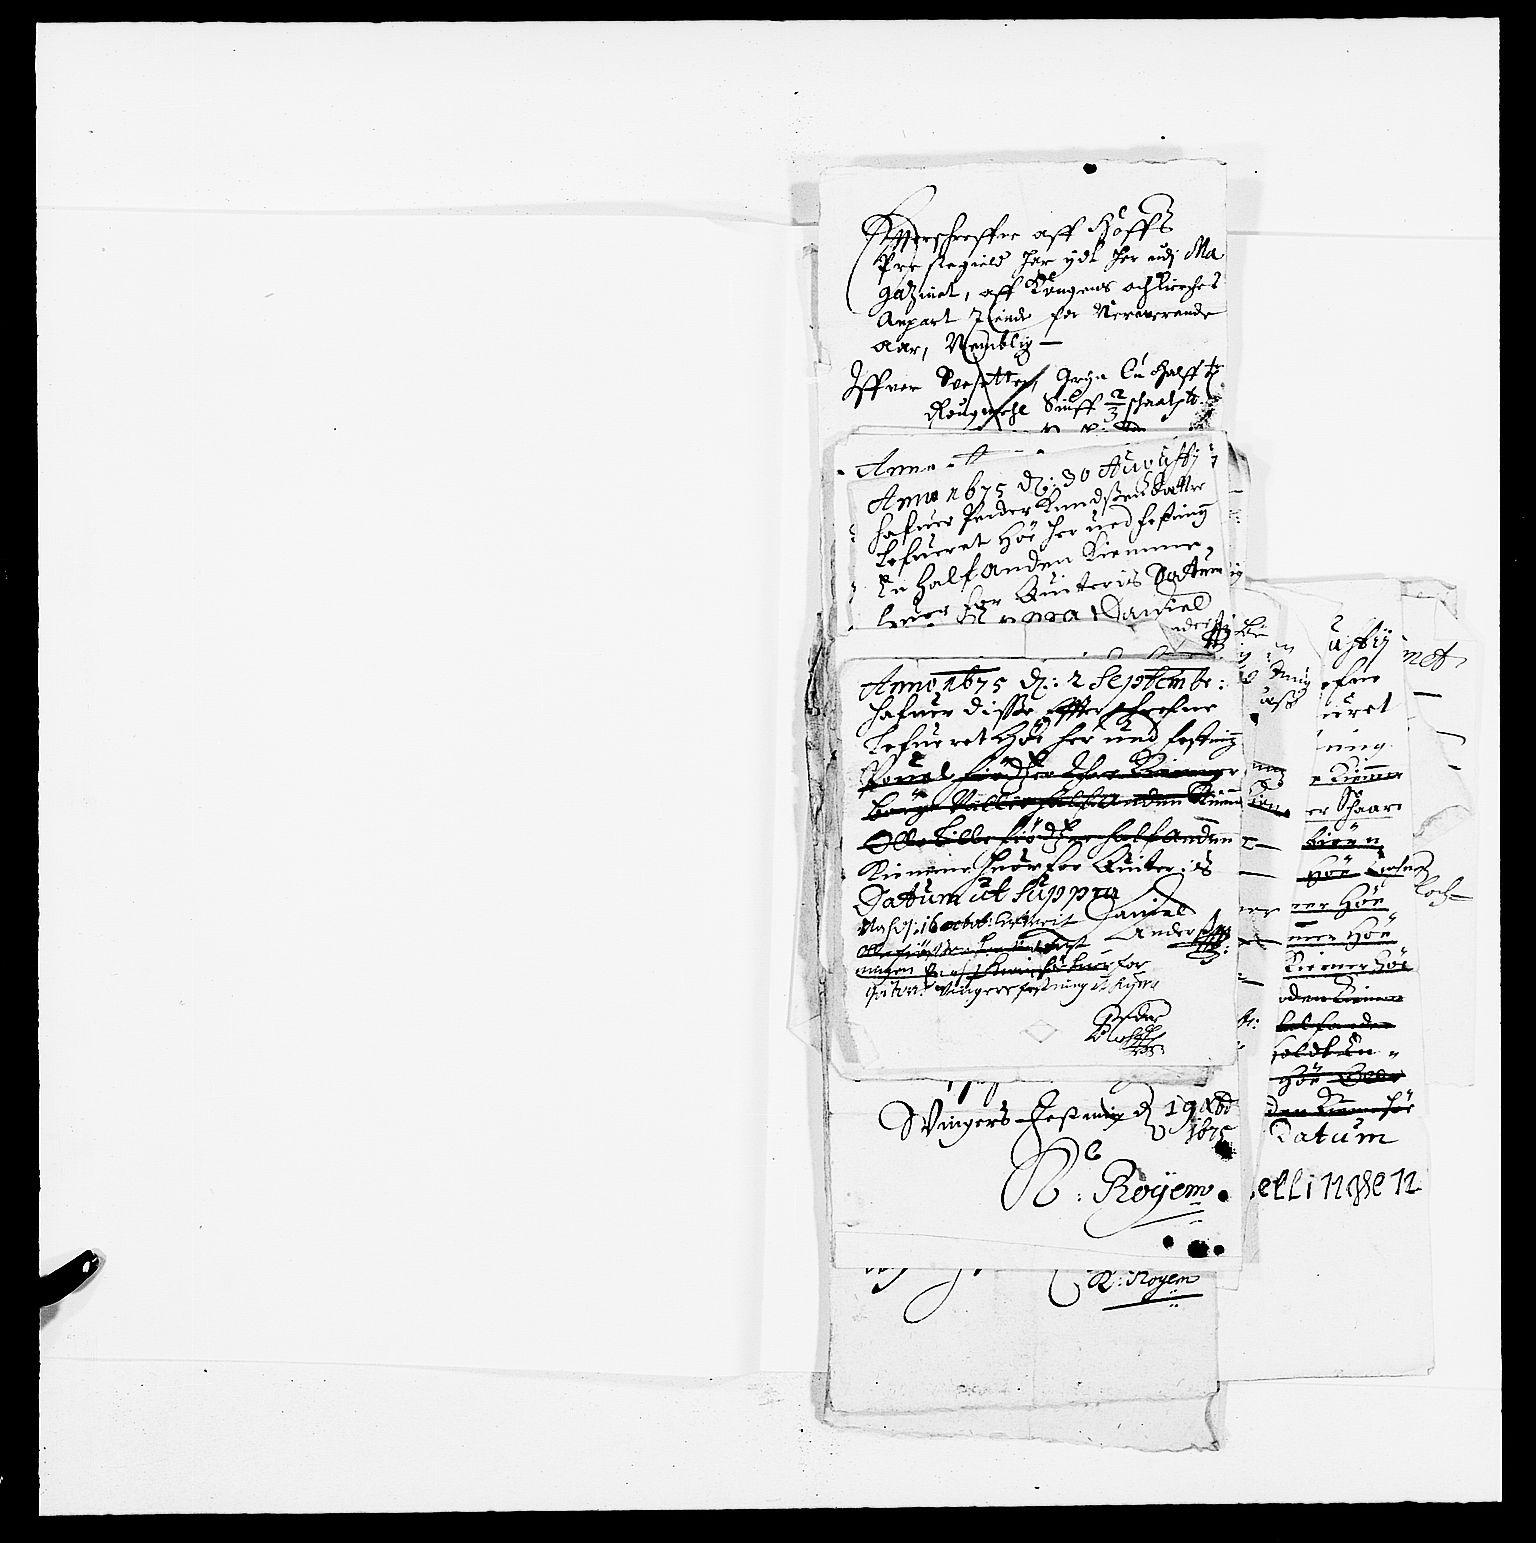 RA, Rentekammeret inntil 1814, Reviderte regnskaper, Fogderegnskap, R13/L0810: Fogderegnskap Solør, Odal og Østerdal, 1675, s. 318